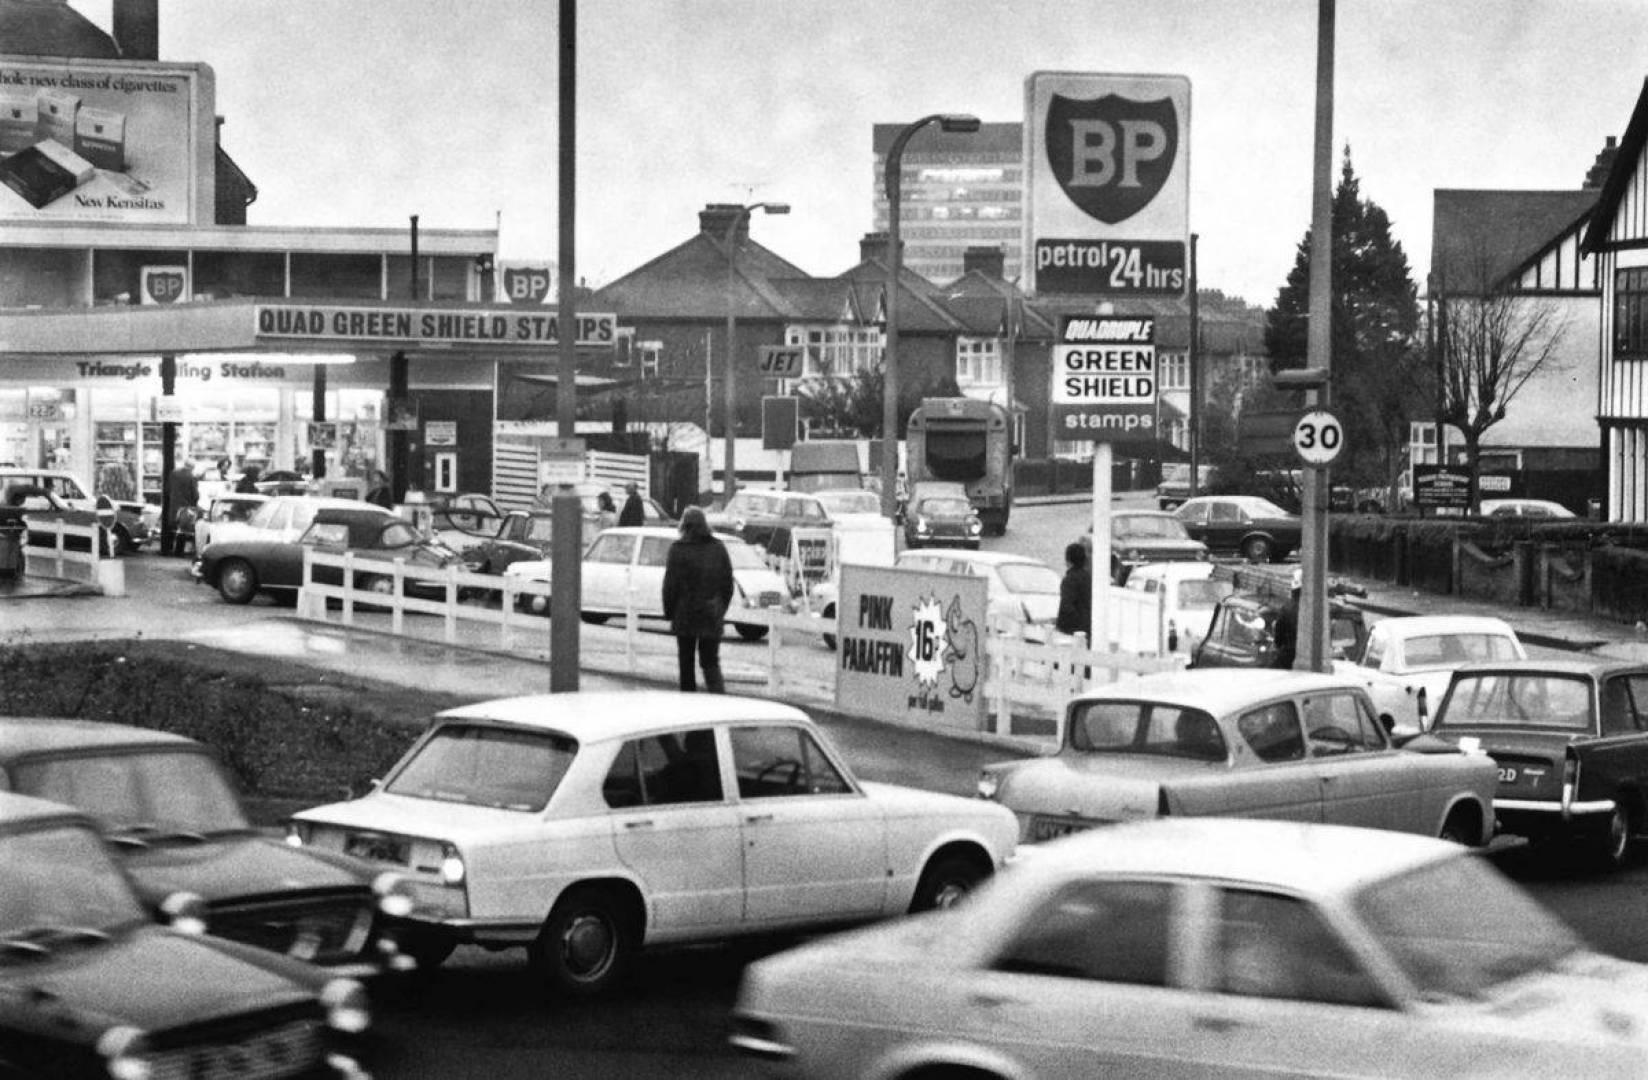 ازدحام باحدى محطات البنزين.. أرشيفية